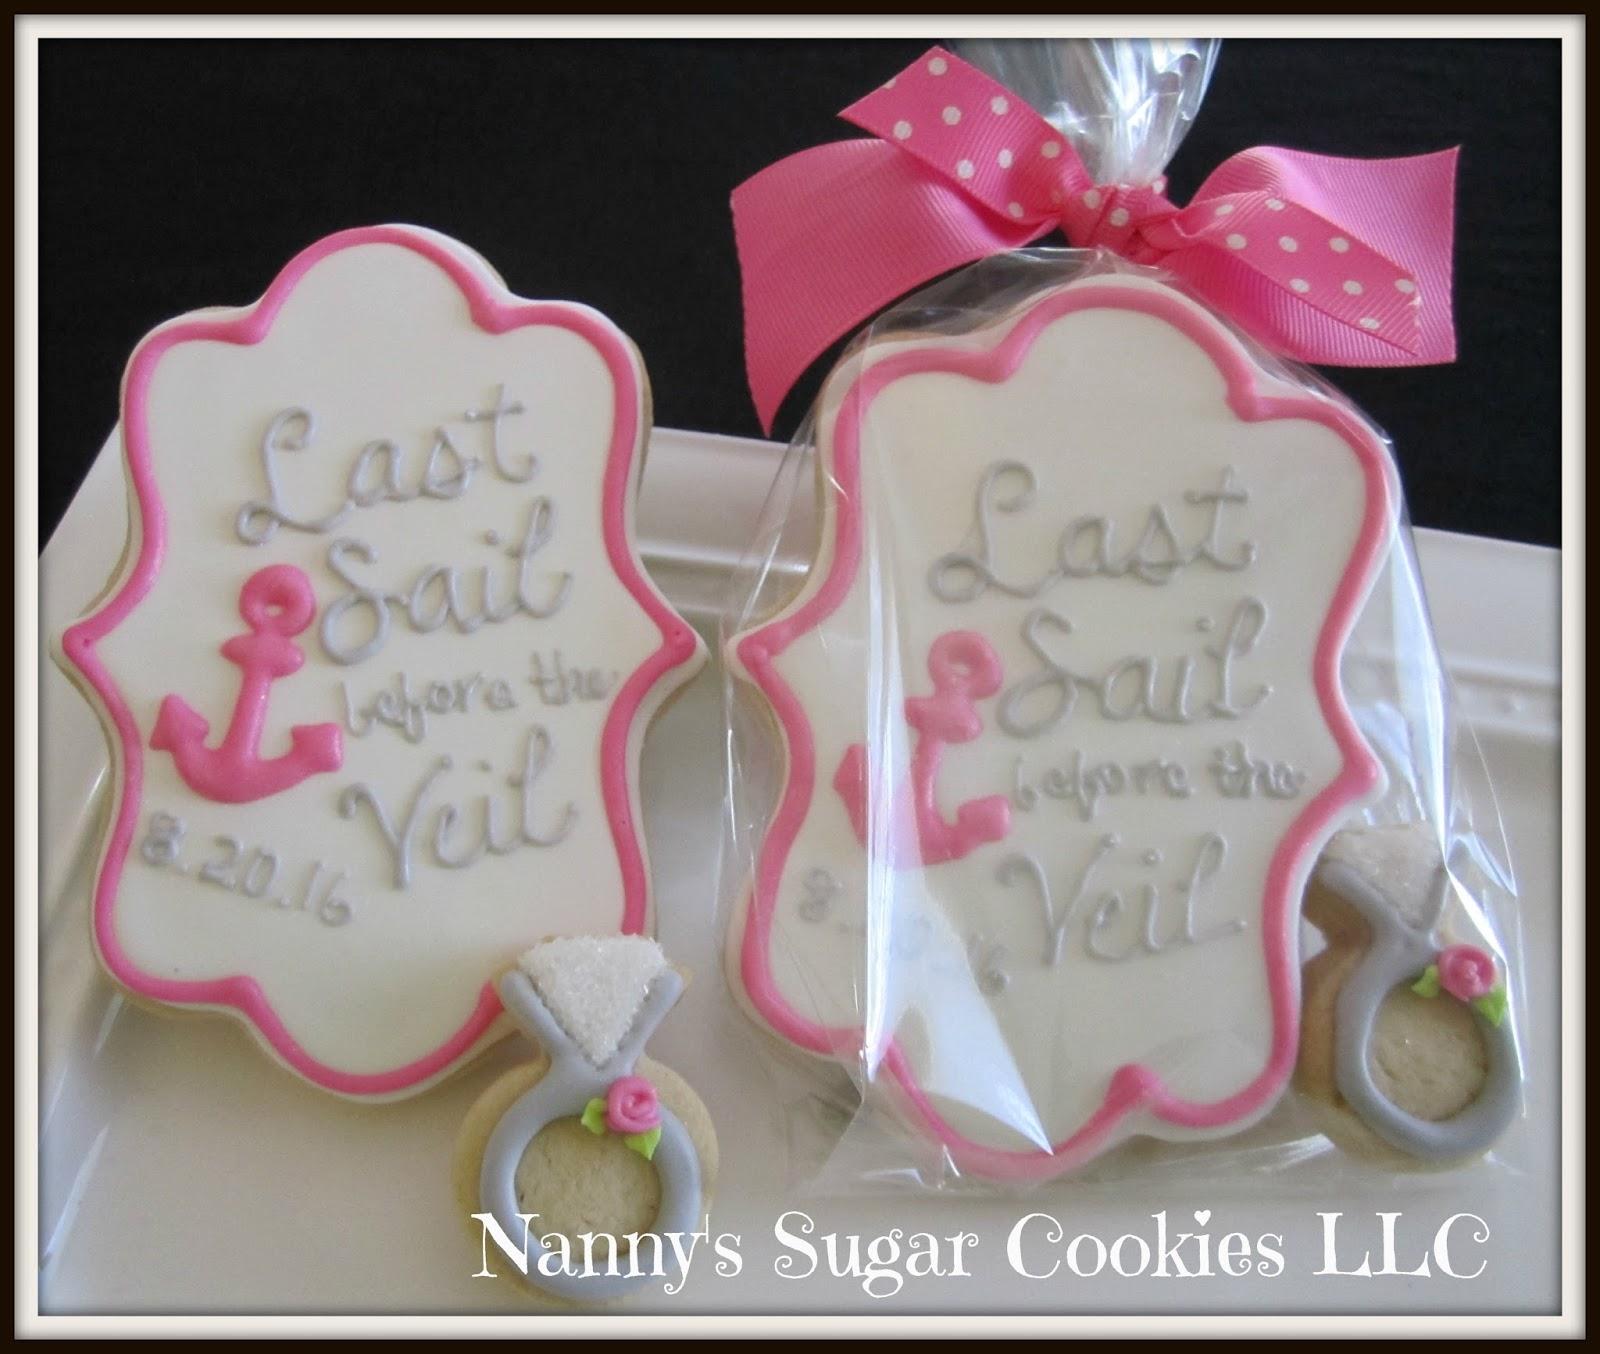 Nannys Sugar Cookies Llc June 2016